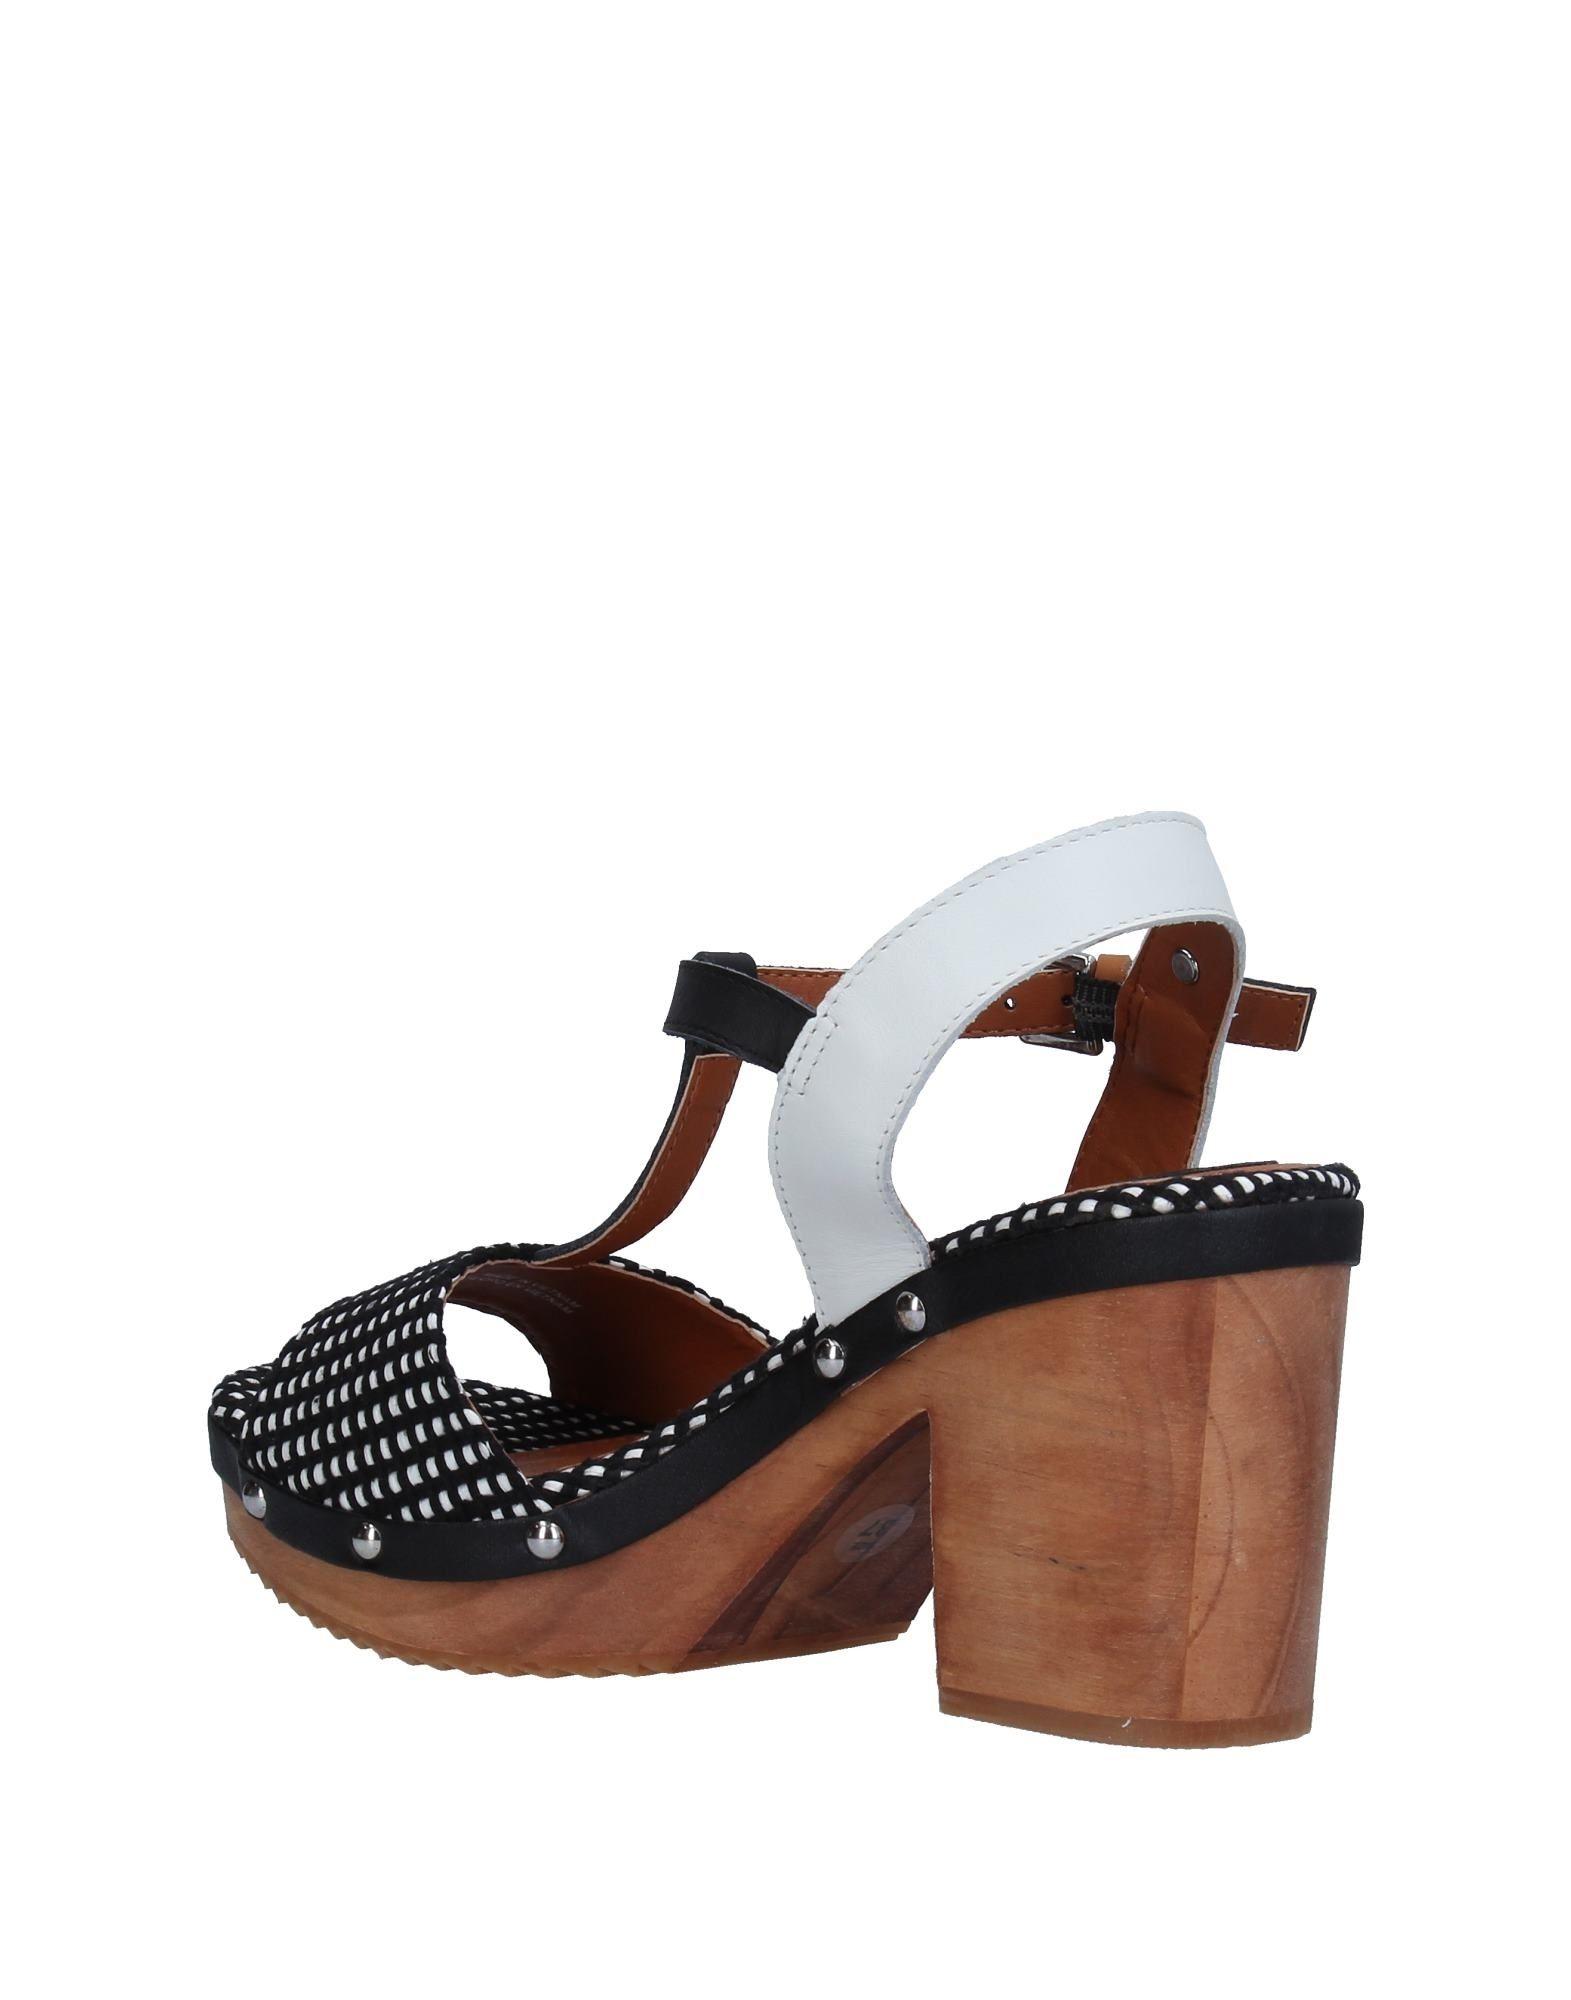 Etdans - Sandales Pour Femmes / Gioseppo Noir yC8TiSv